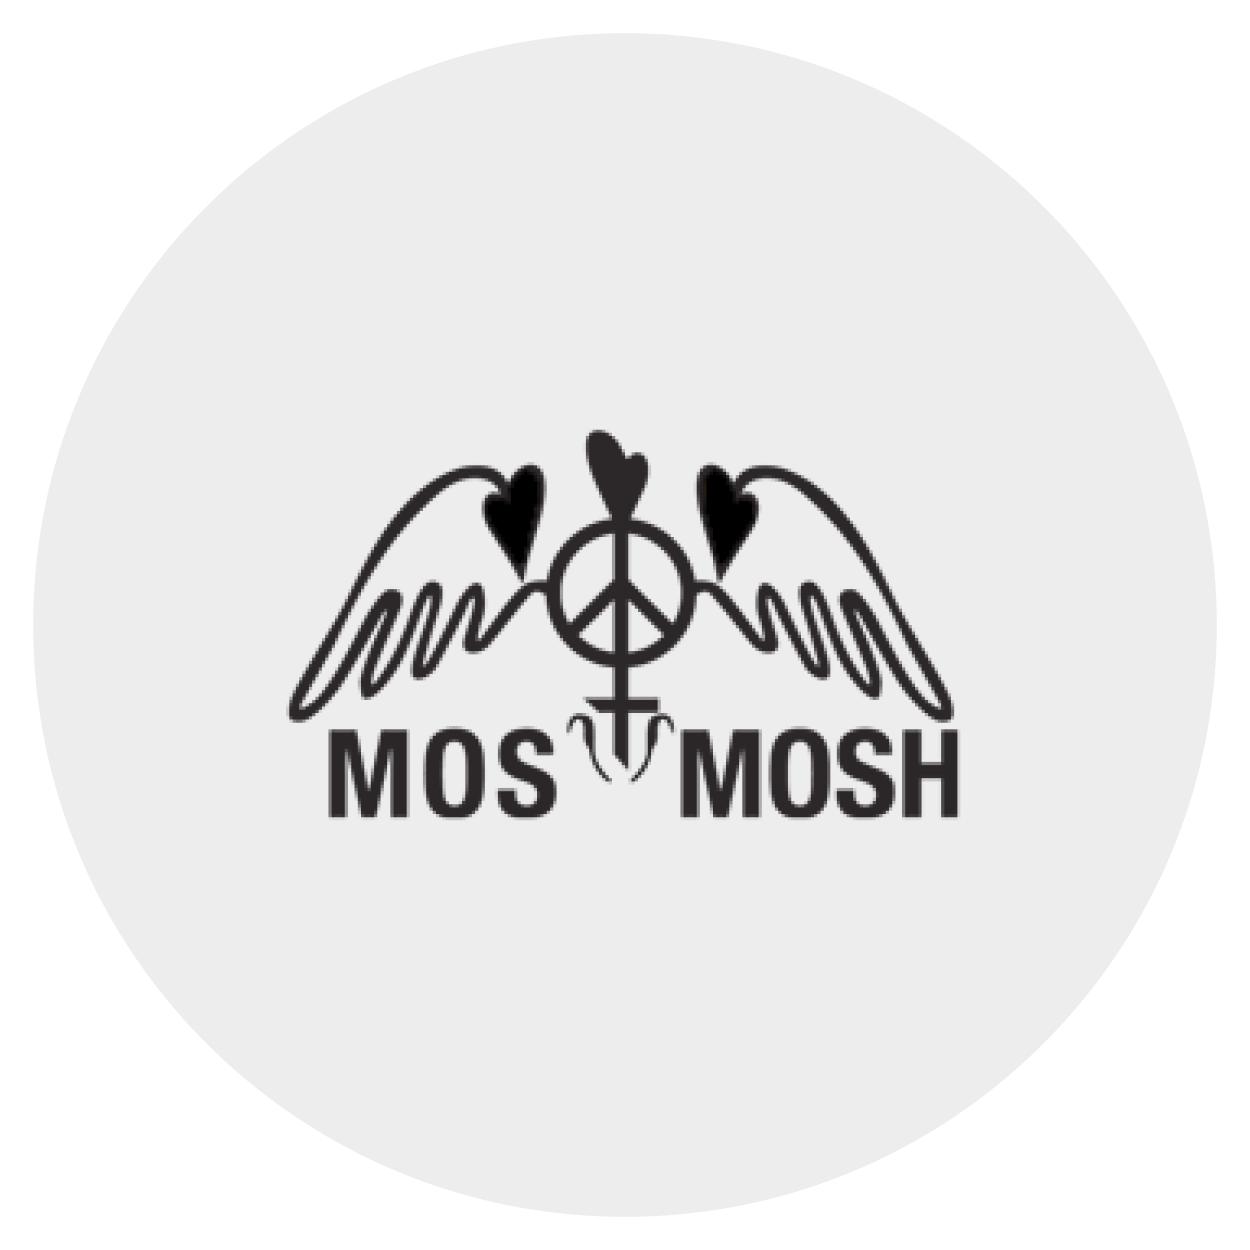 Mos Mosh